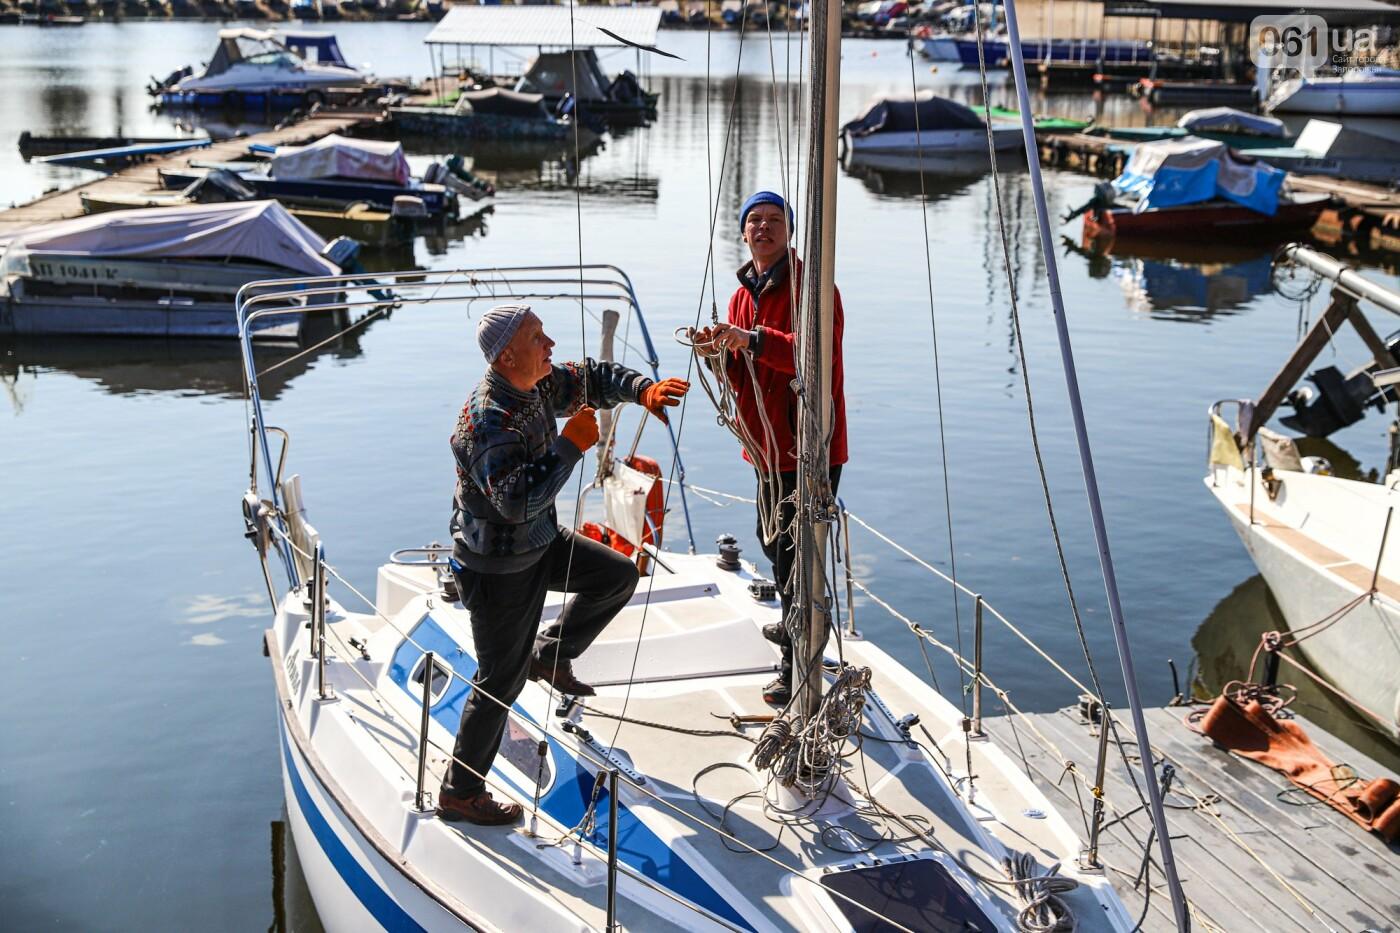 «Семь футов под килем!»: как в запорожском яхт-клубе спускали судна на воду, - ФОТОРЕПОРТАЖ , фото-37